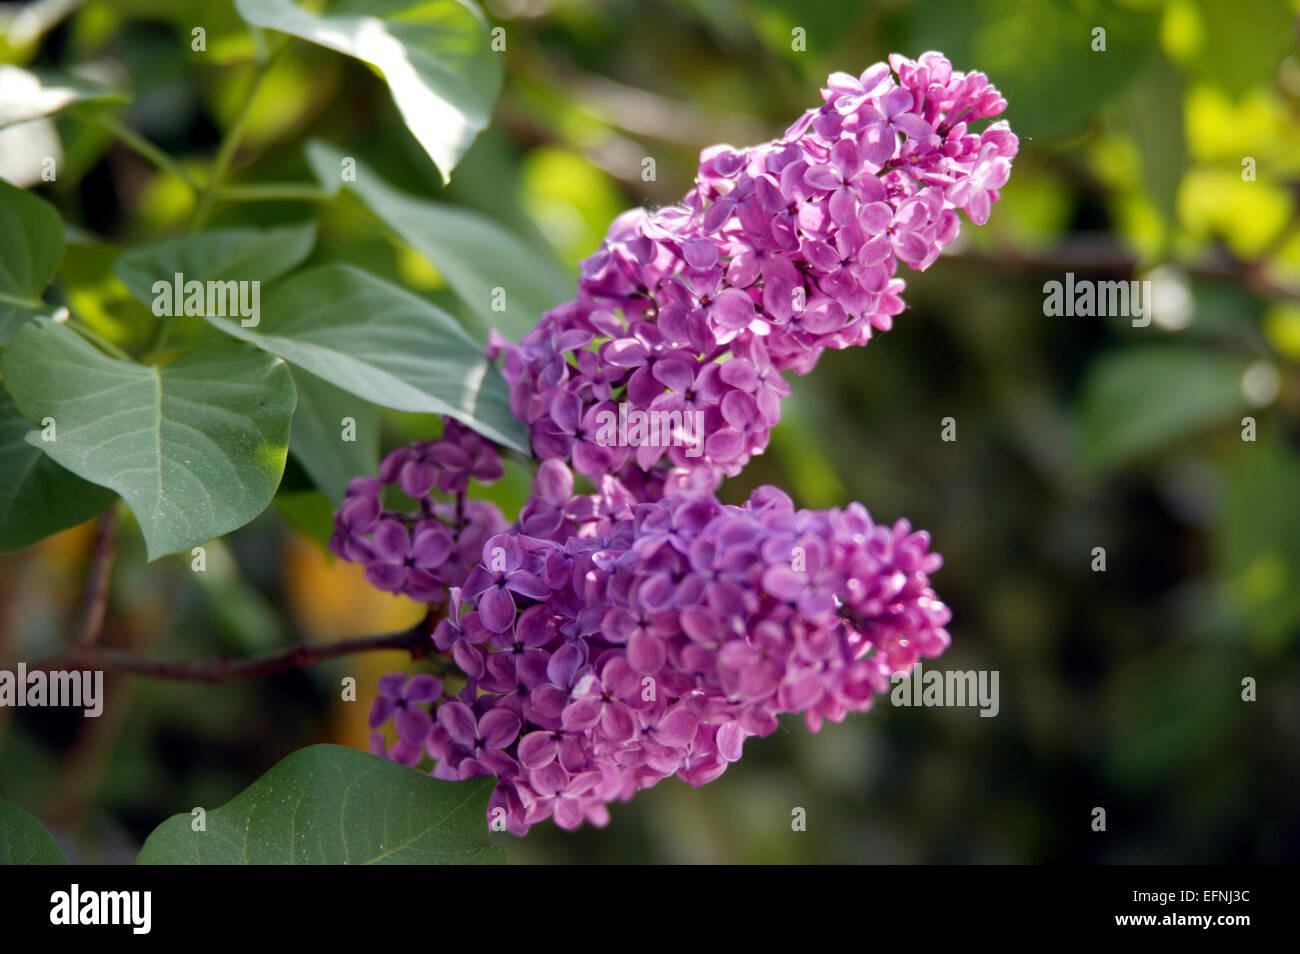 flieder, buddleja, blueten, sommerflieder, pflanze, strauch, bluehen